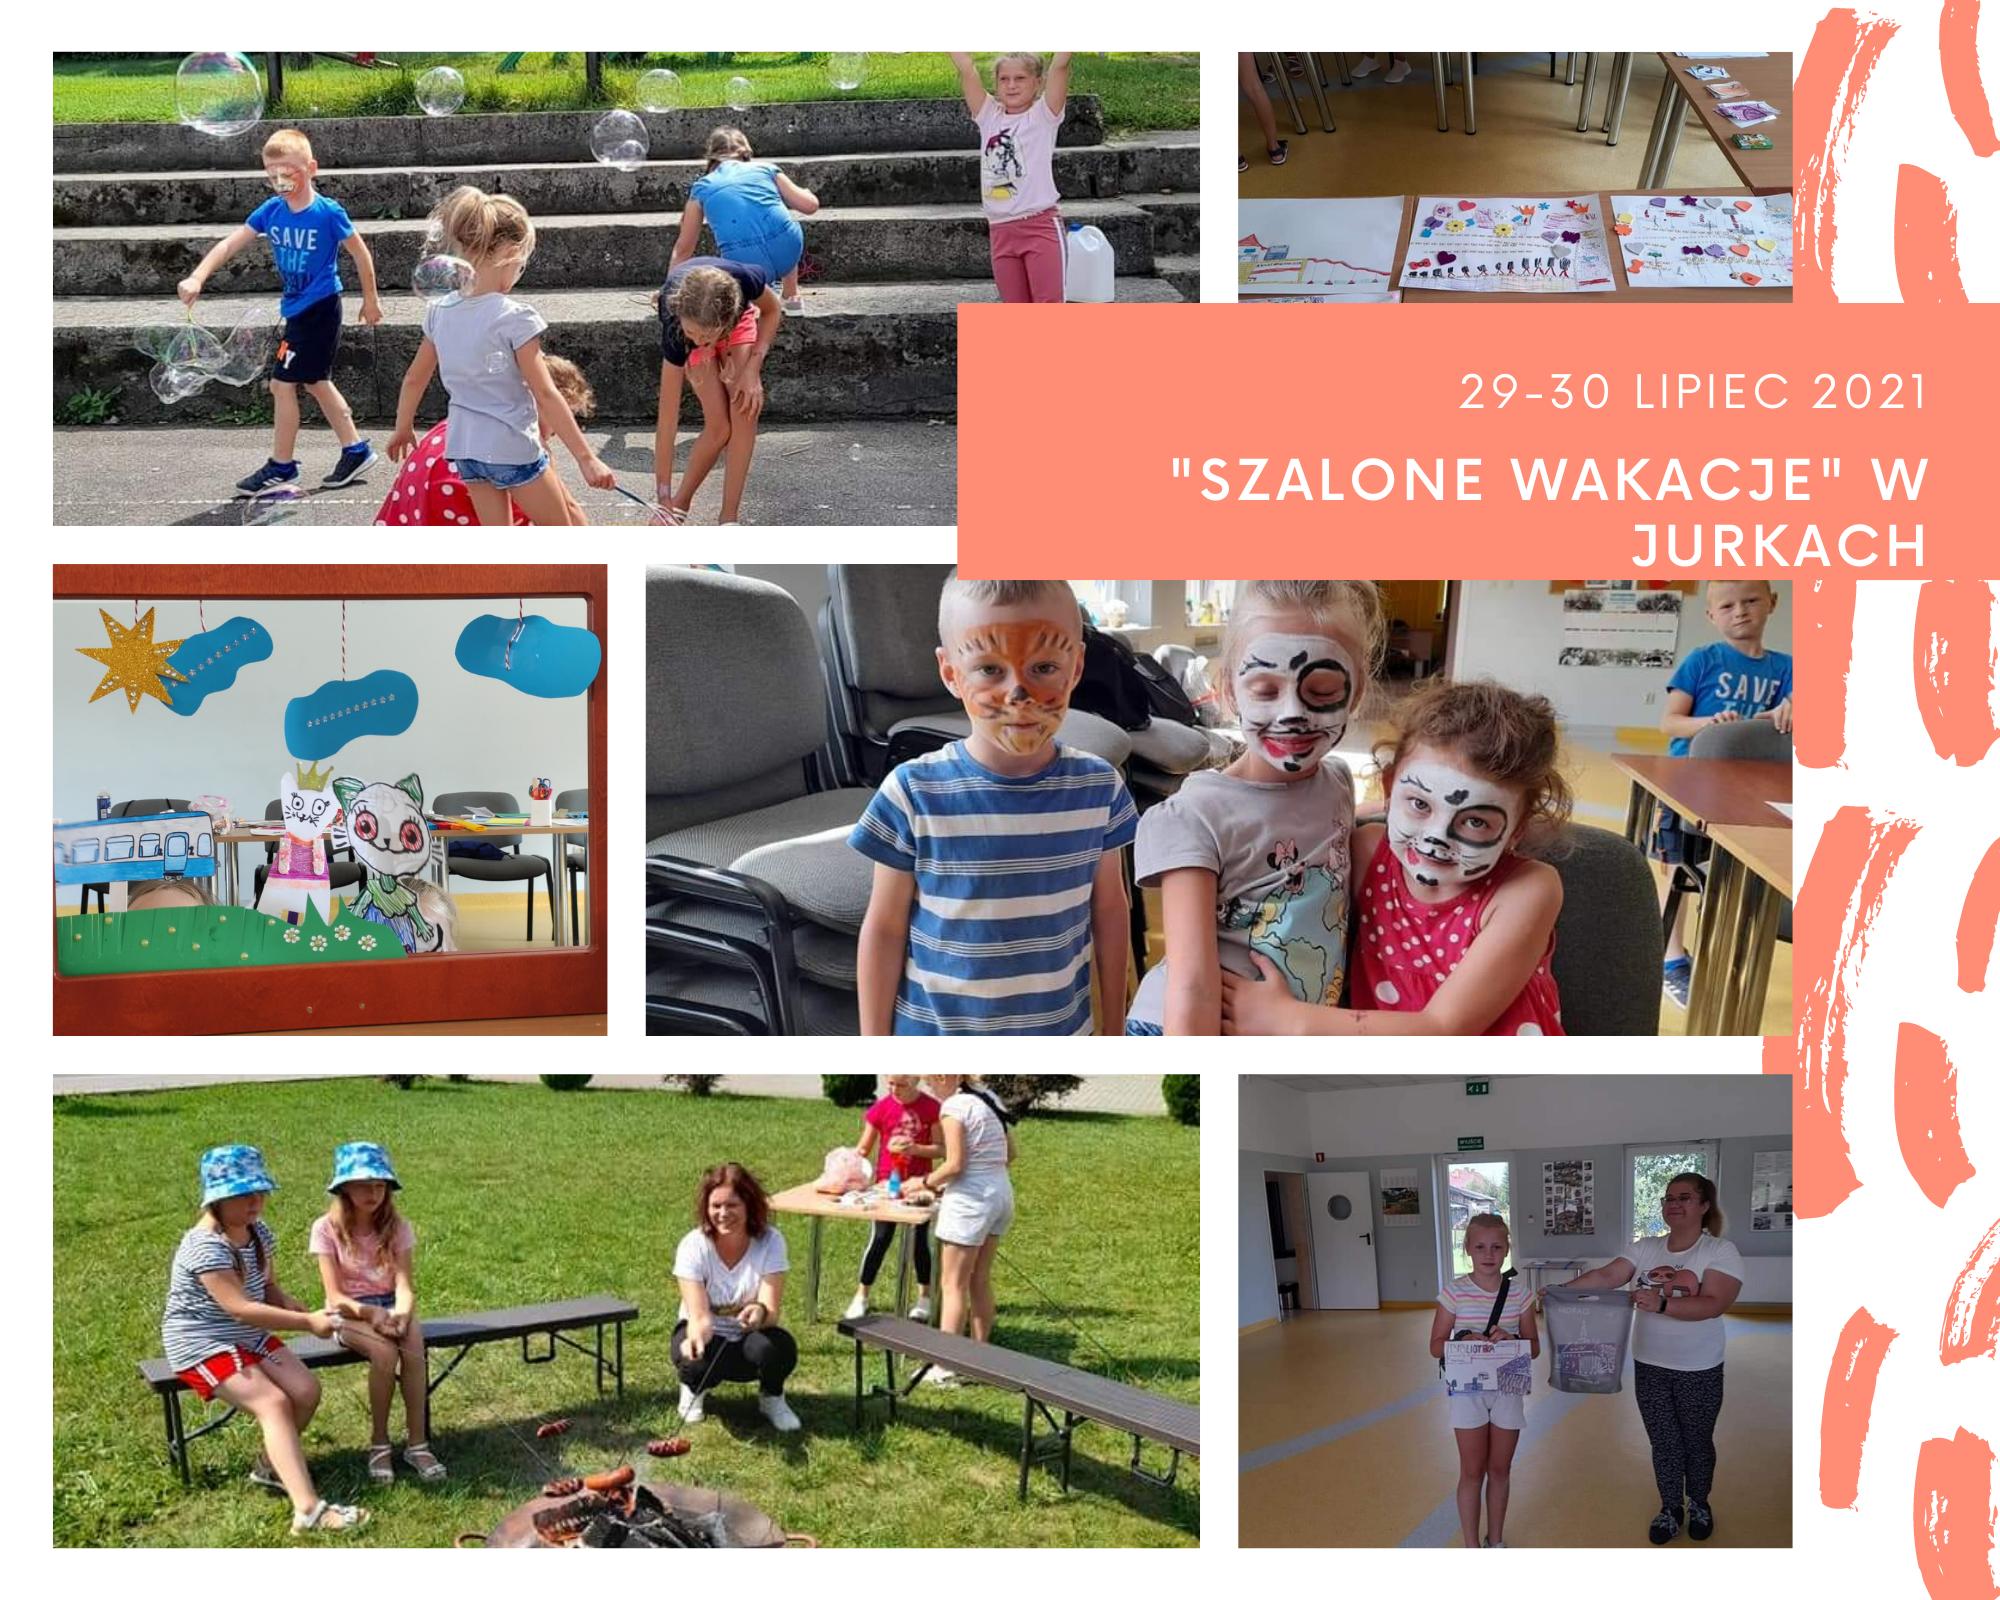 """Grafika przedstawiająca dzieci uczestniczące w """"Szalonych wakacjach"""" w Jurkach"""